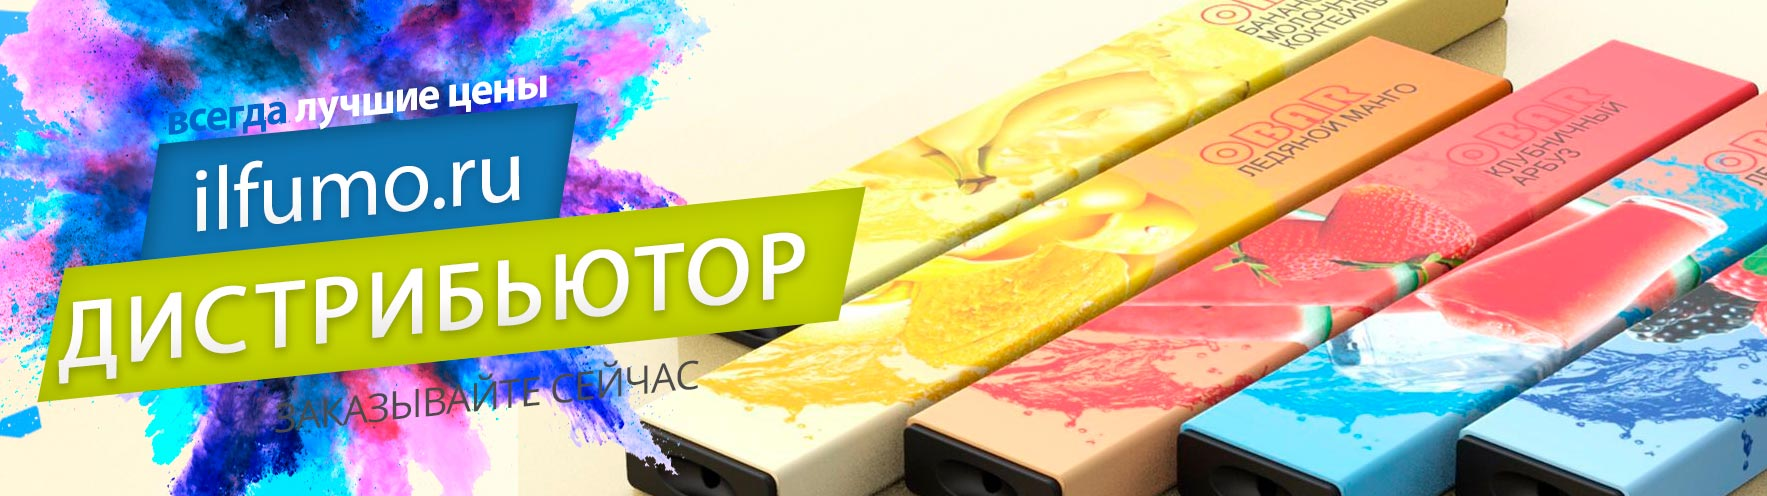 Купить EHPRO OBAR по оптовым ценам в ilfumo